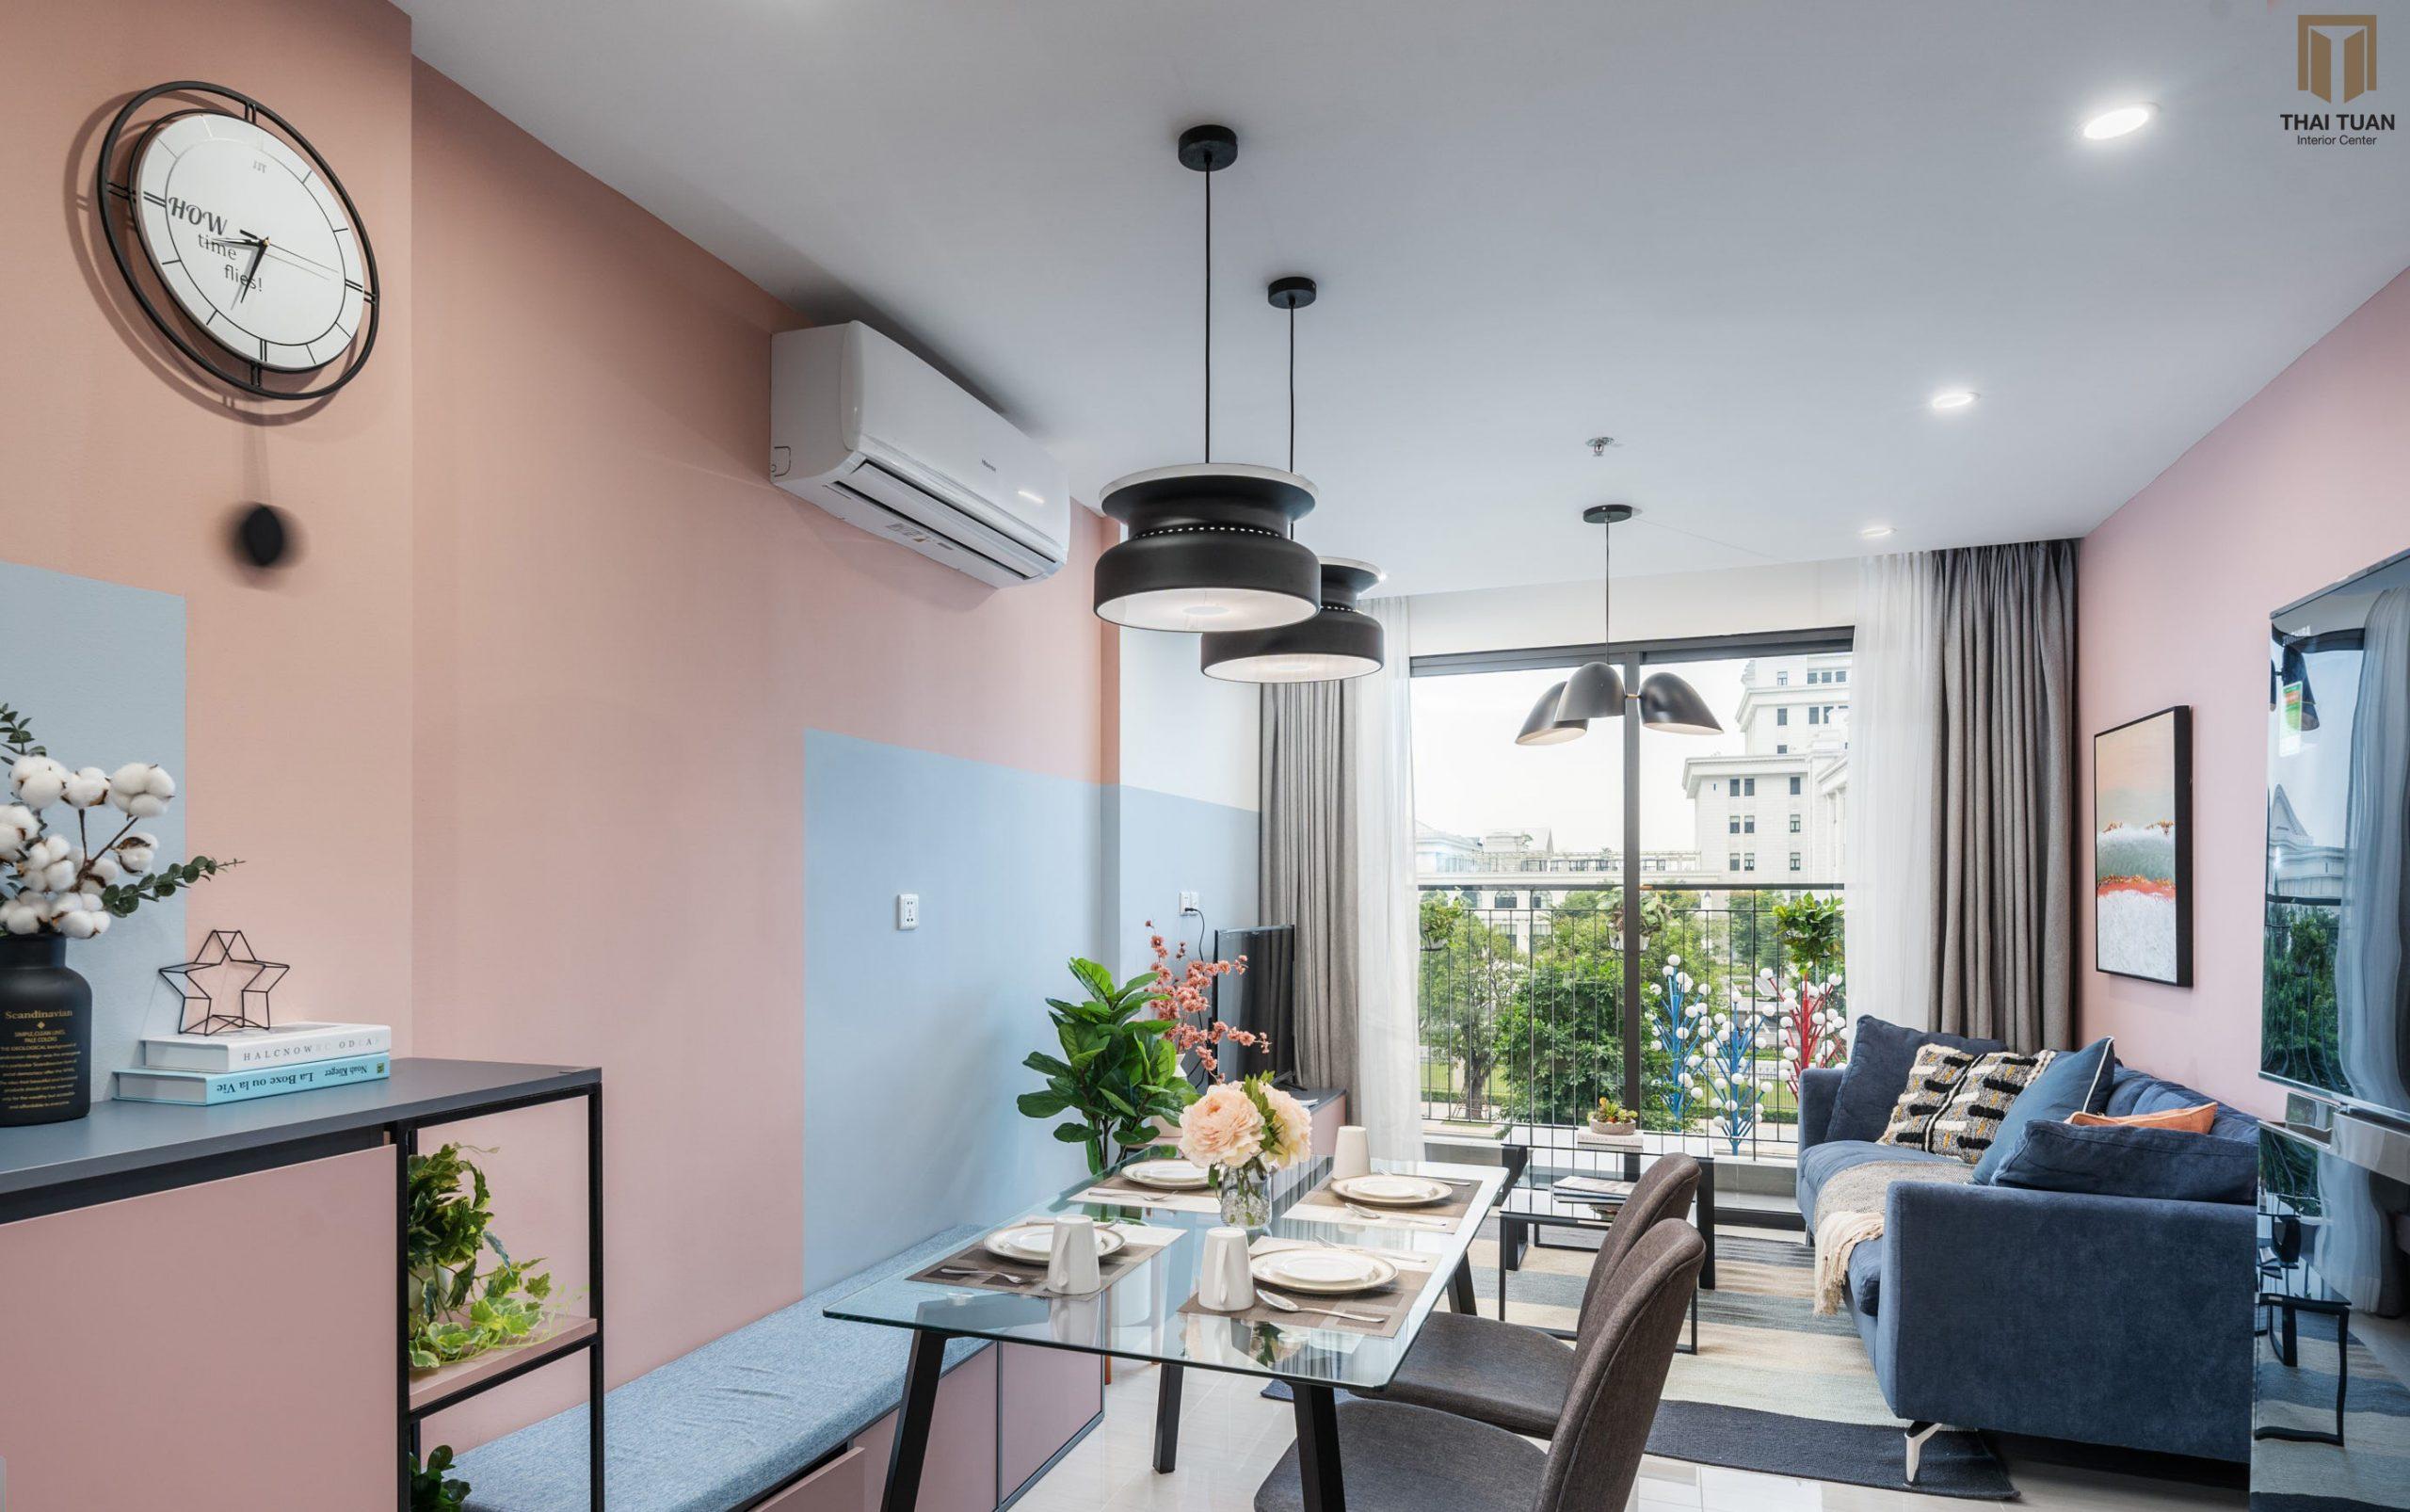 Phòng ăn với điểm nhấn màu sắc độc đáo